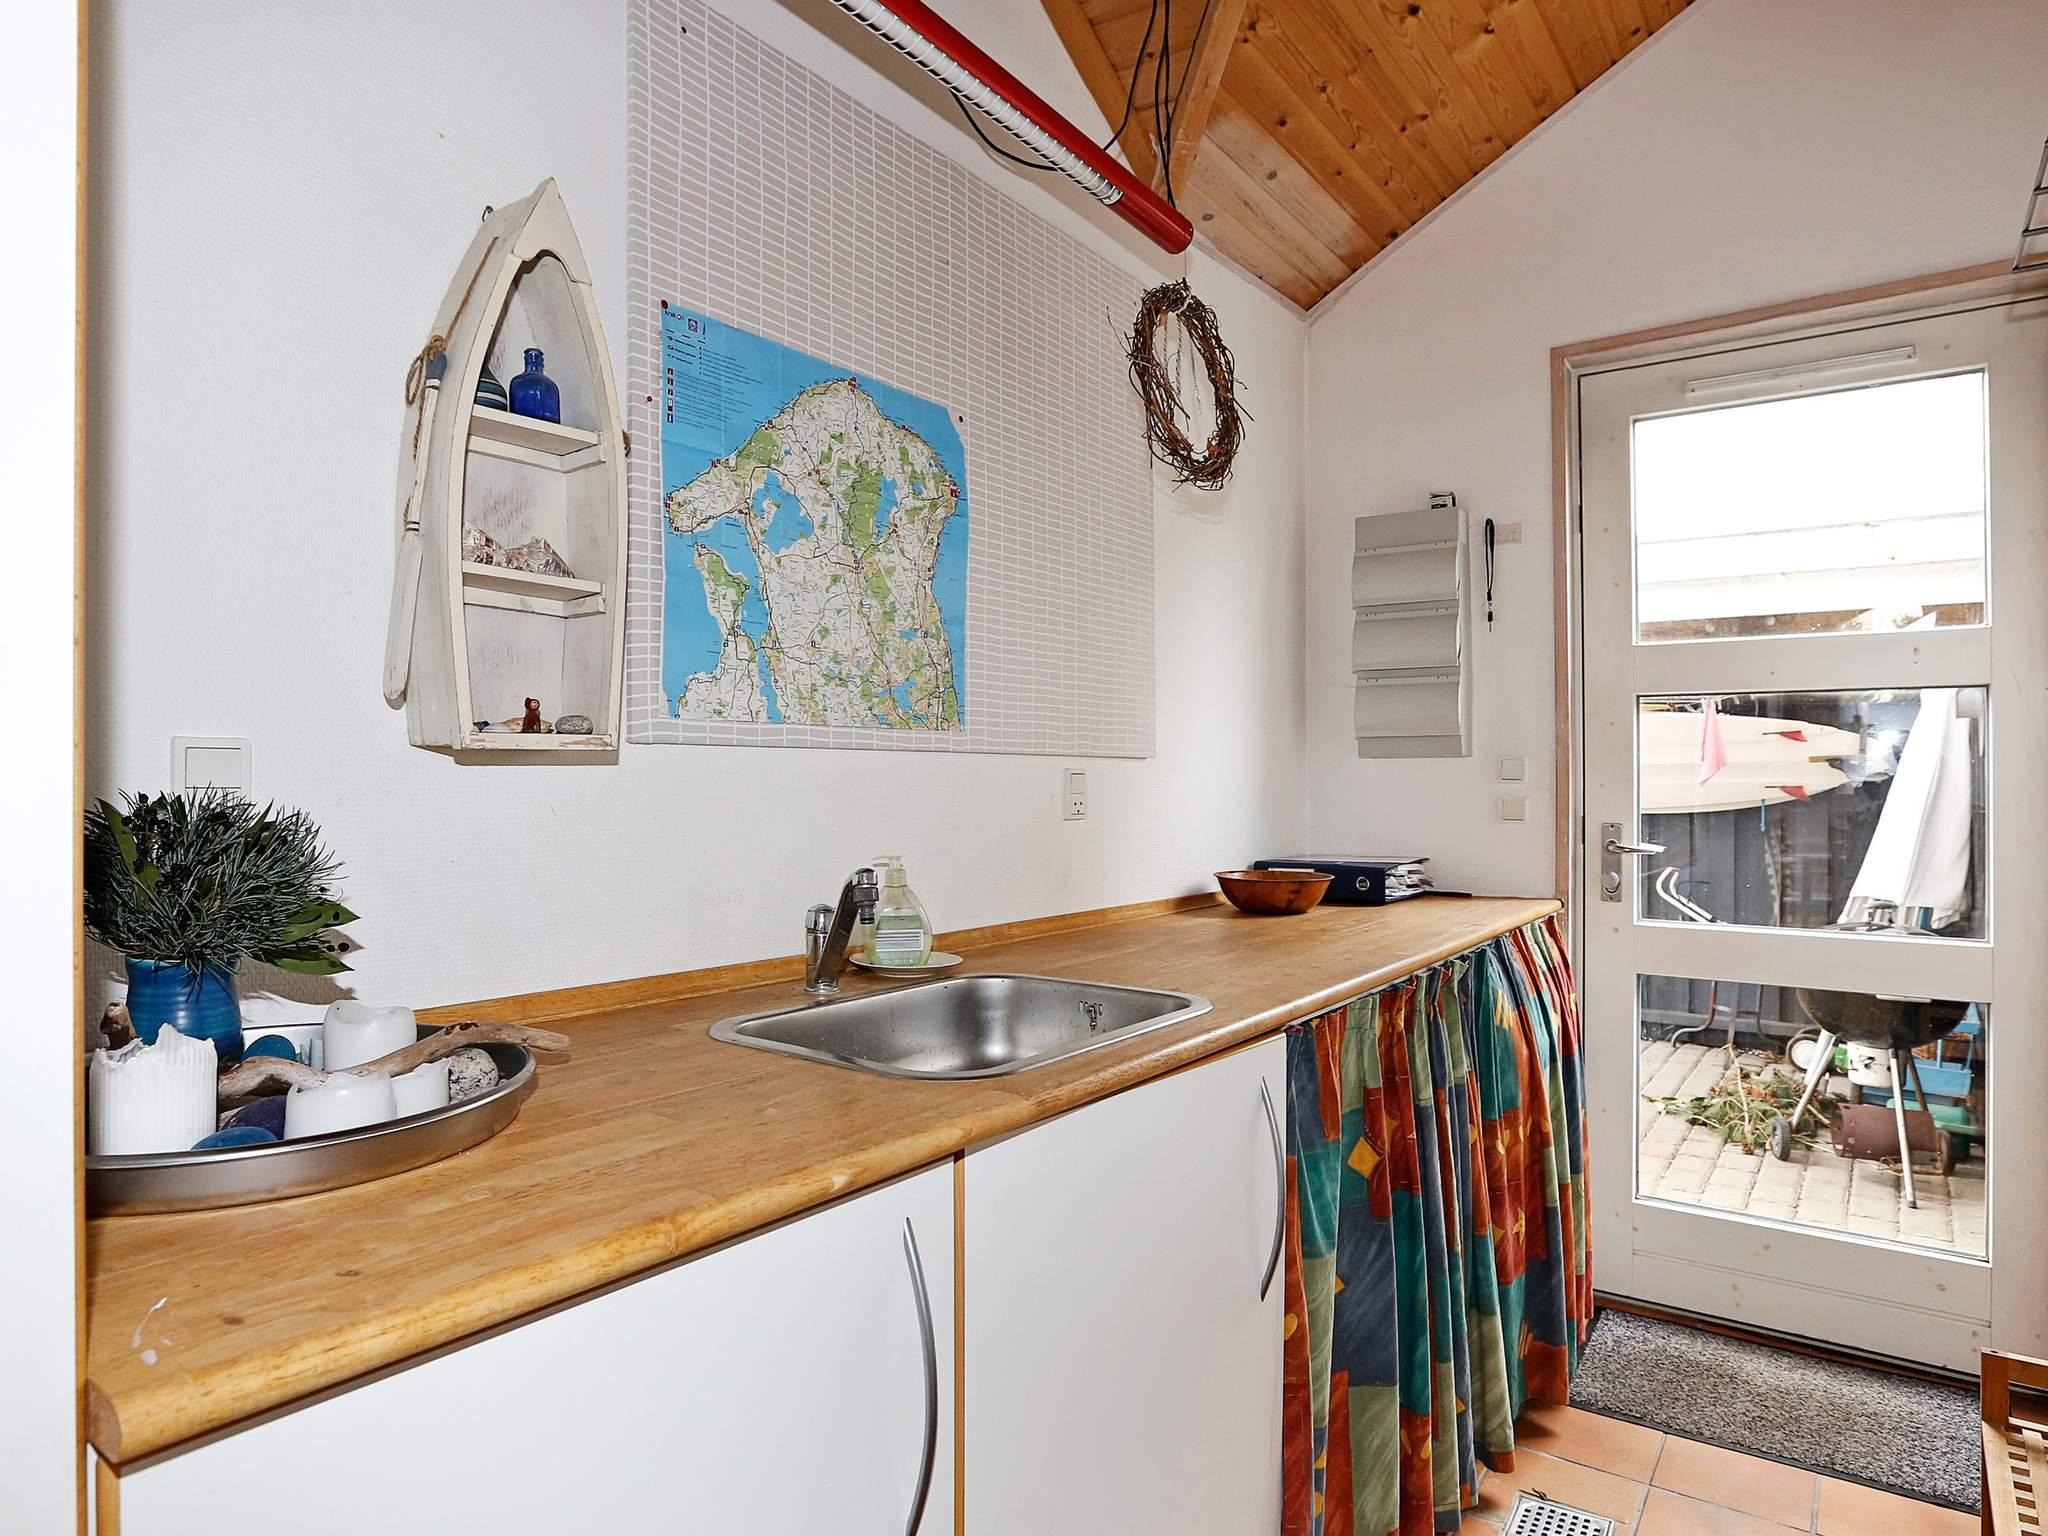 Ferienhaus Gilleleje (125873), Gilleleje, , Nordseeland, Dänemark, Bild 10